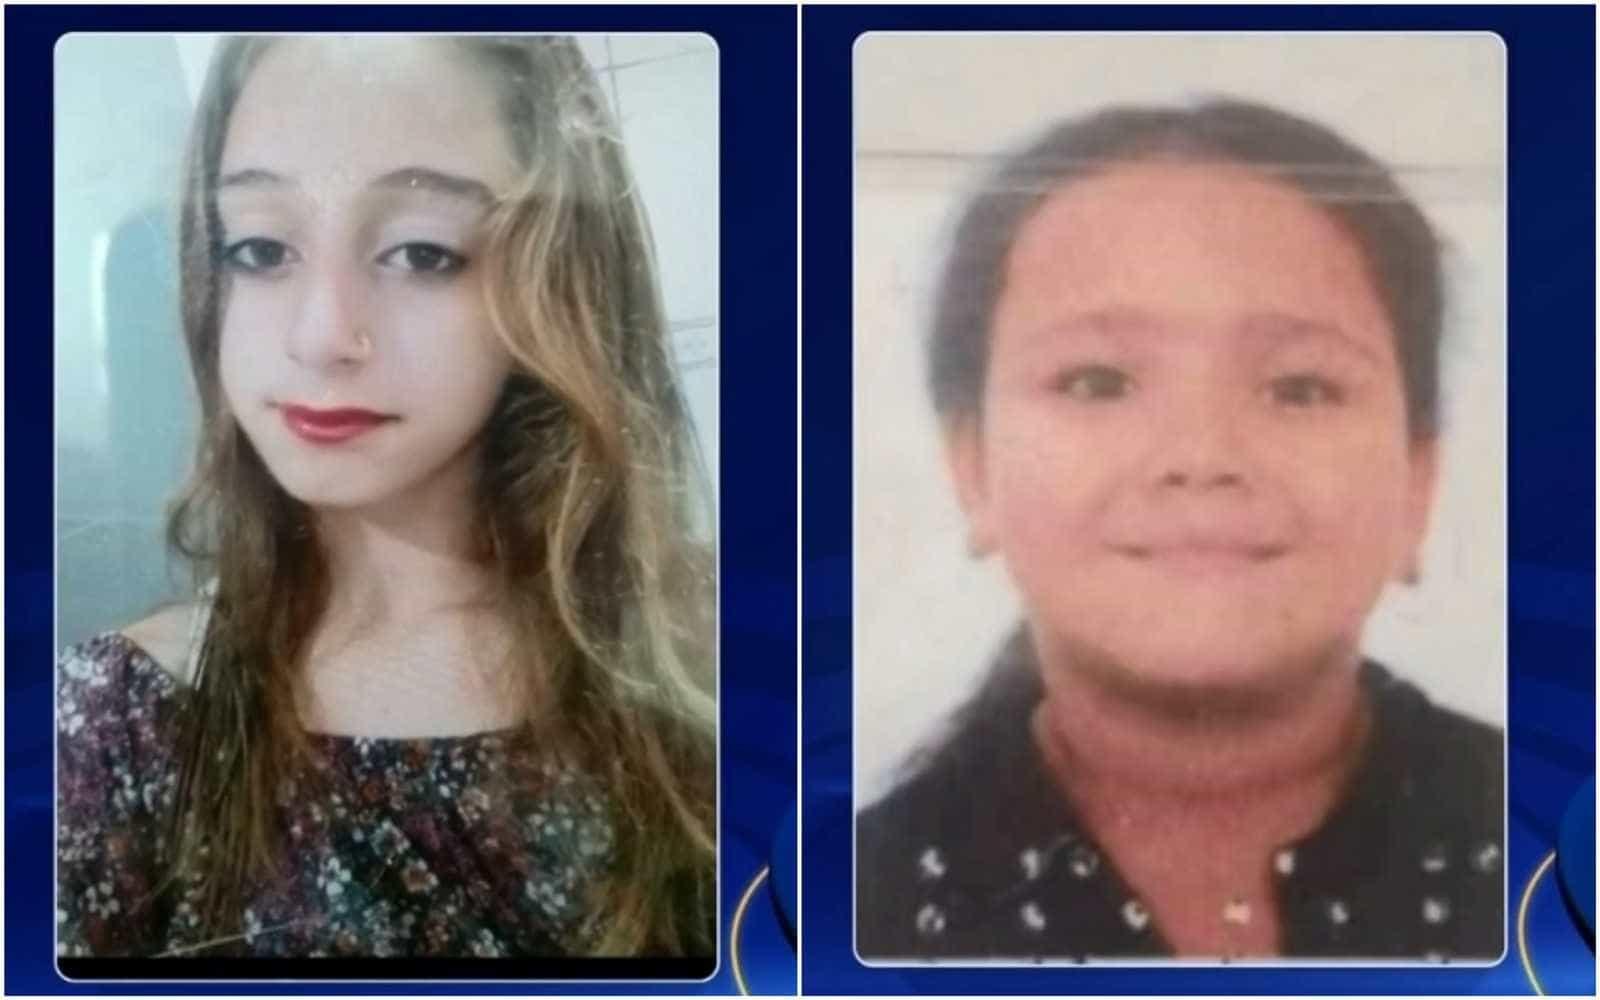 Amigas de 12 anos desaparecem em SP e famílias buscam informações